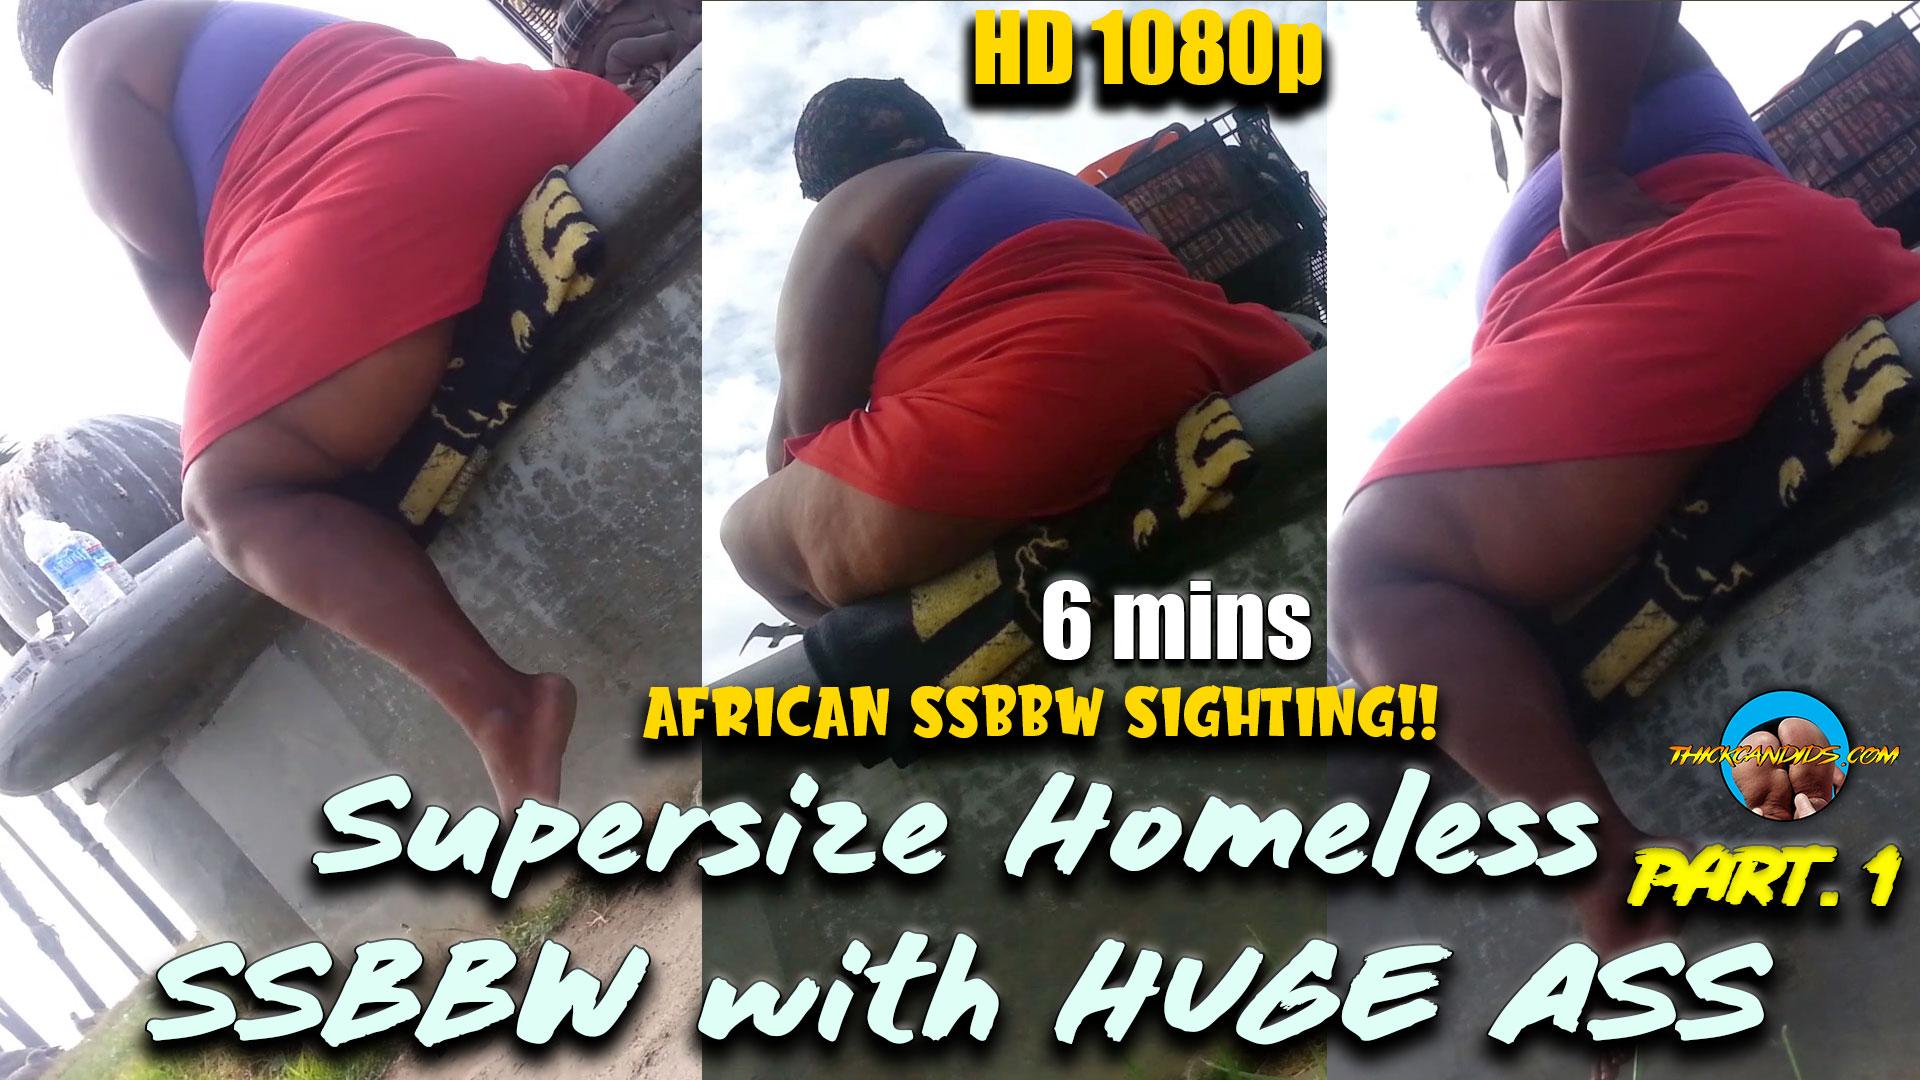 Supersize Homeless SSBBW with HUGE ASS part. 1